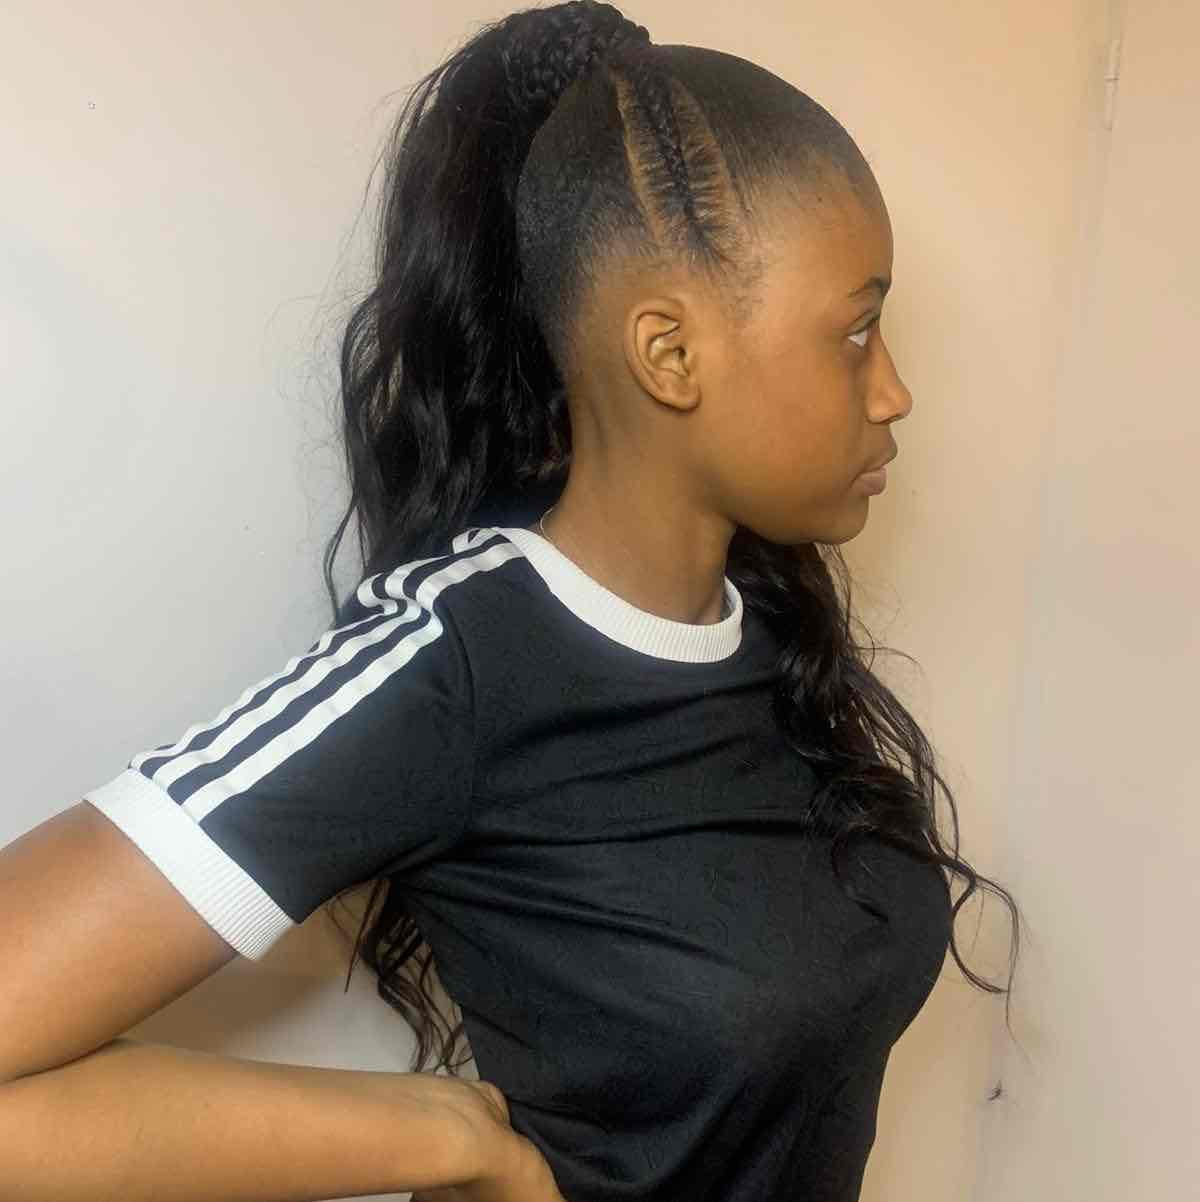 salon de coiffure afro tresse tresses box braids crochet braids vanilles tissages paris 75 77 78 91 92 93 94 95 NYNPEDNT